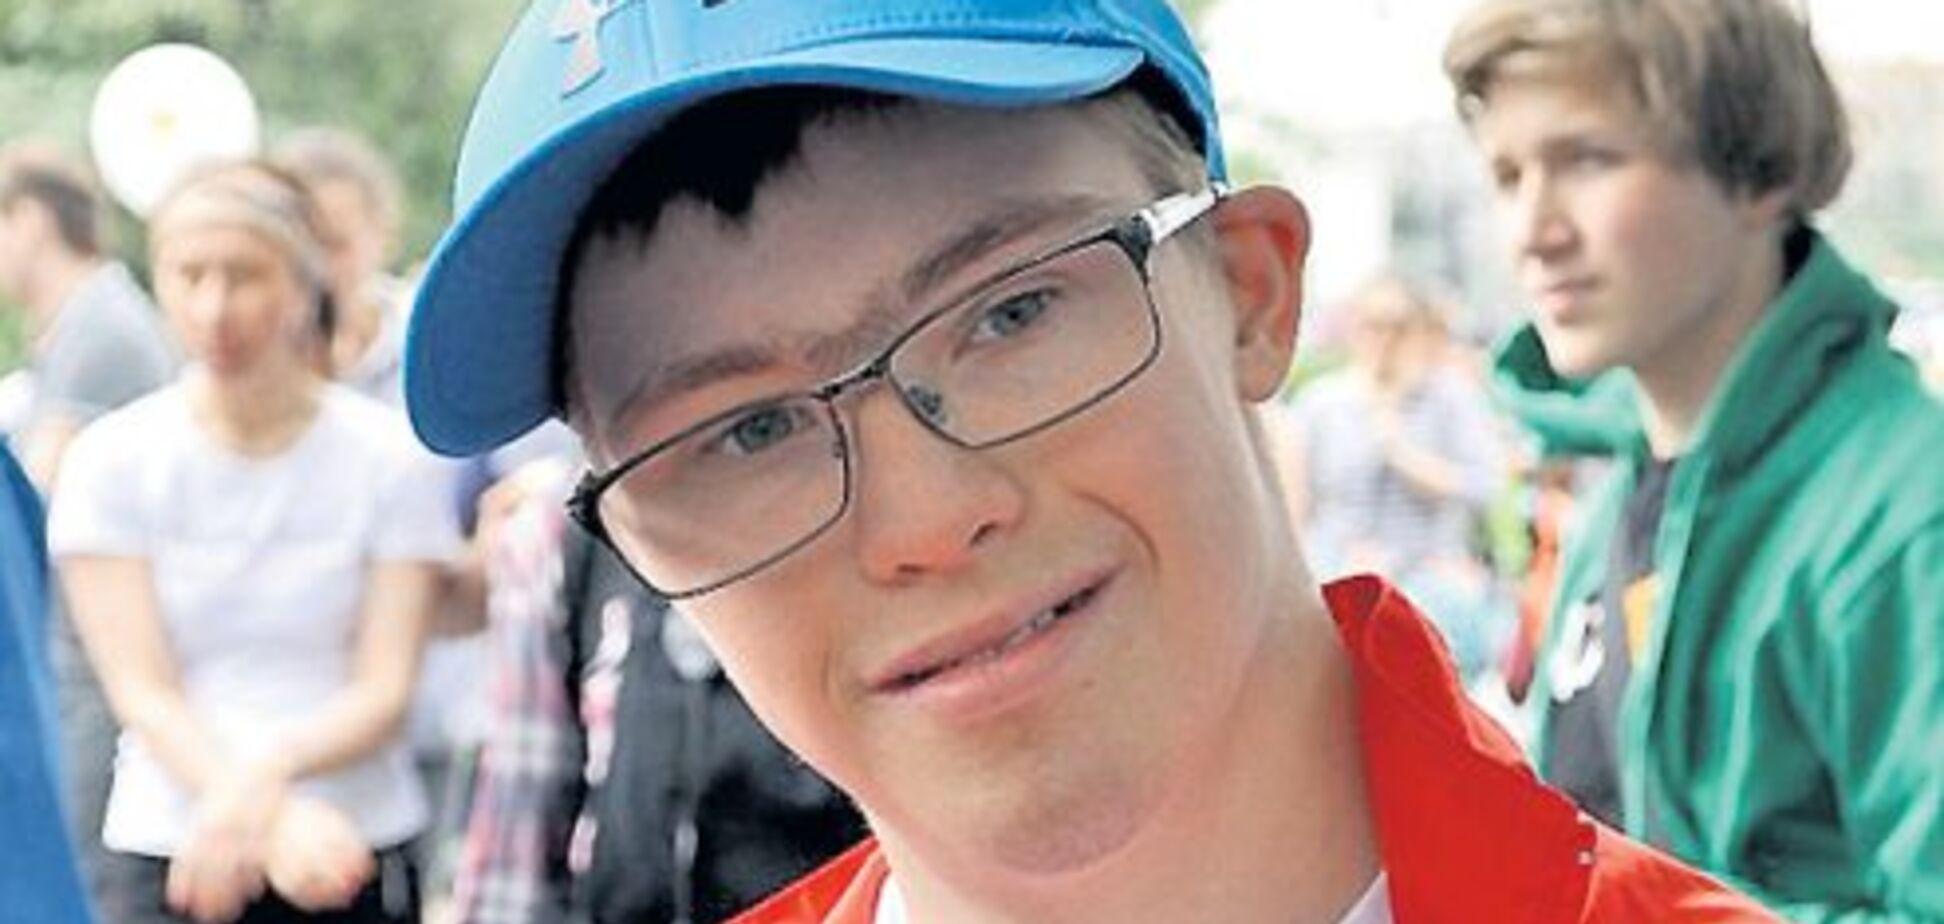 Чемпіон Європи, музикант: 24-річний онук Єльцина з синдромом Дауна вражає своїми талантами